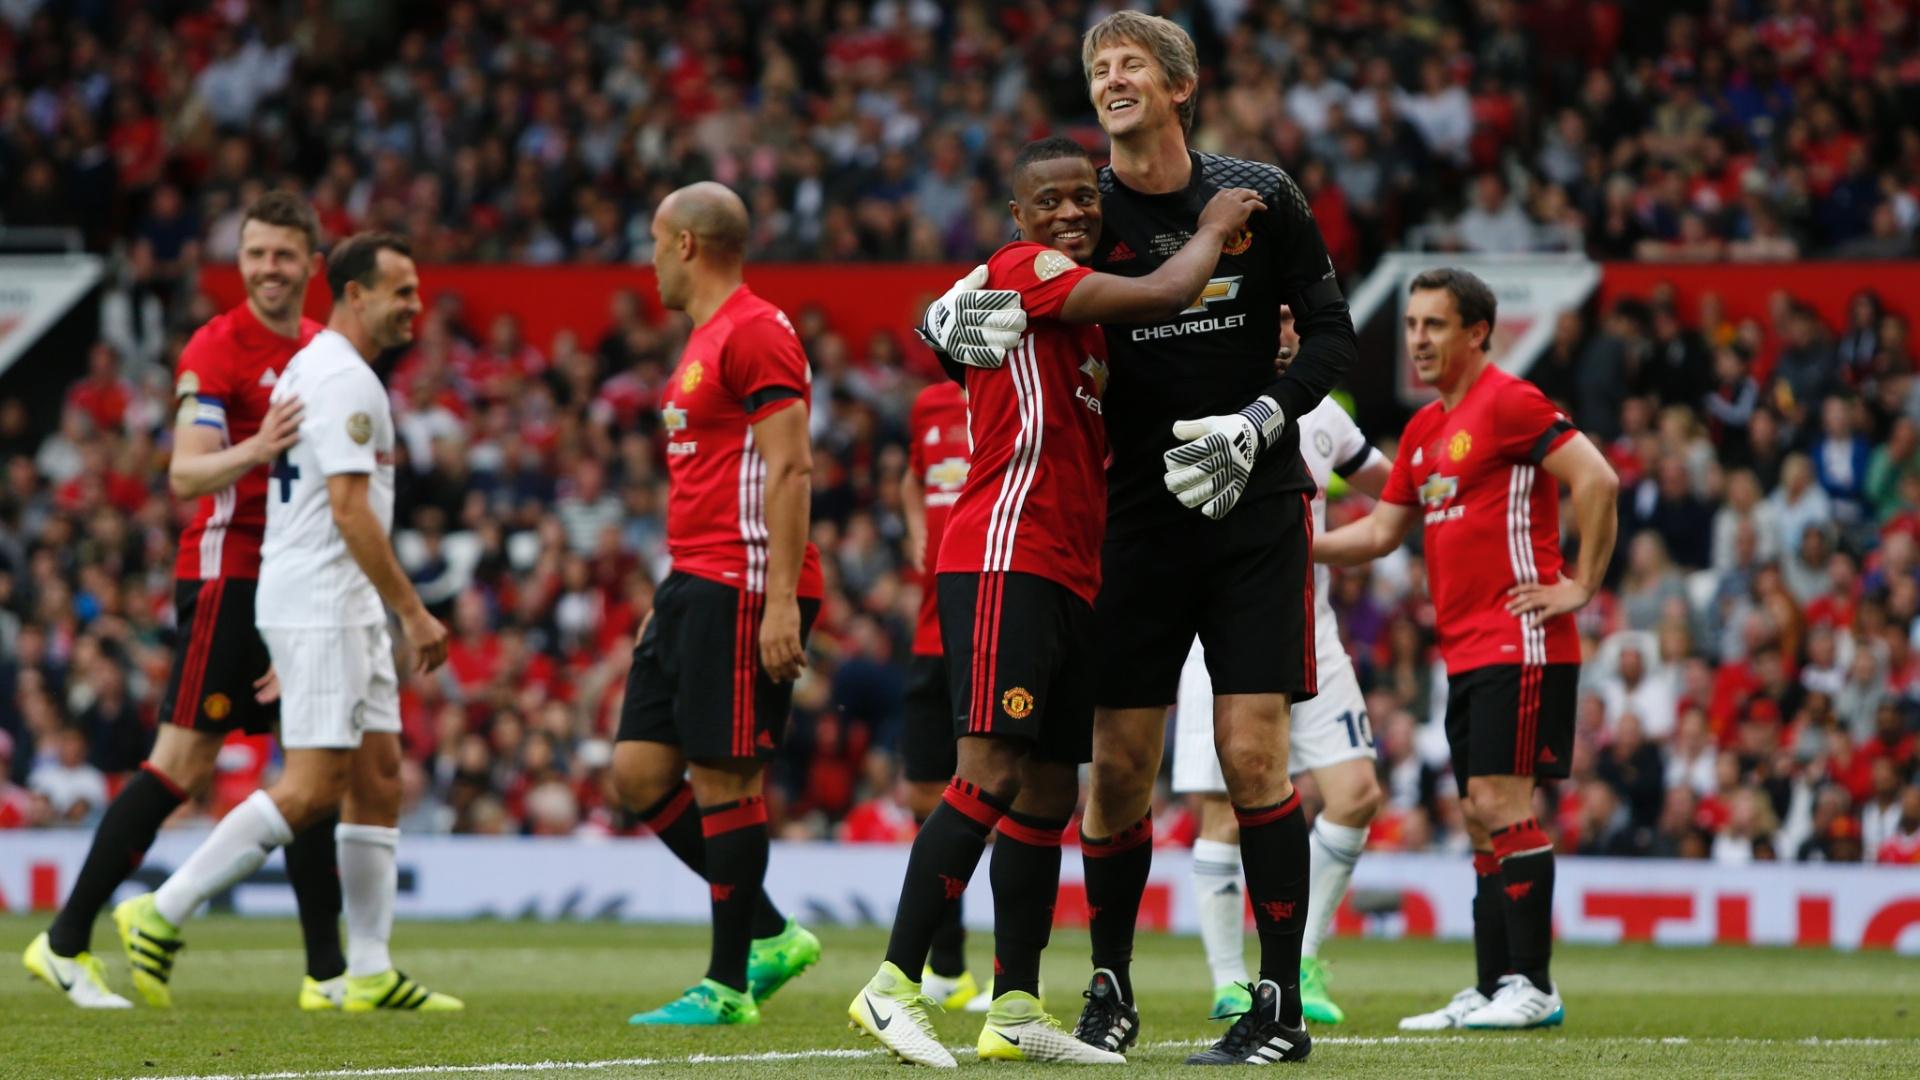 Evra abraça Van der Sar em jogo festivo do Manchester United